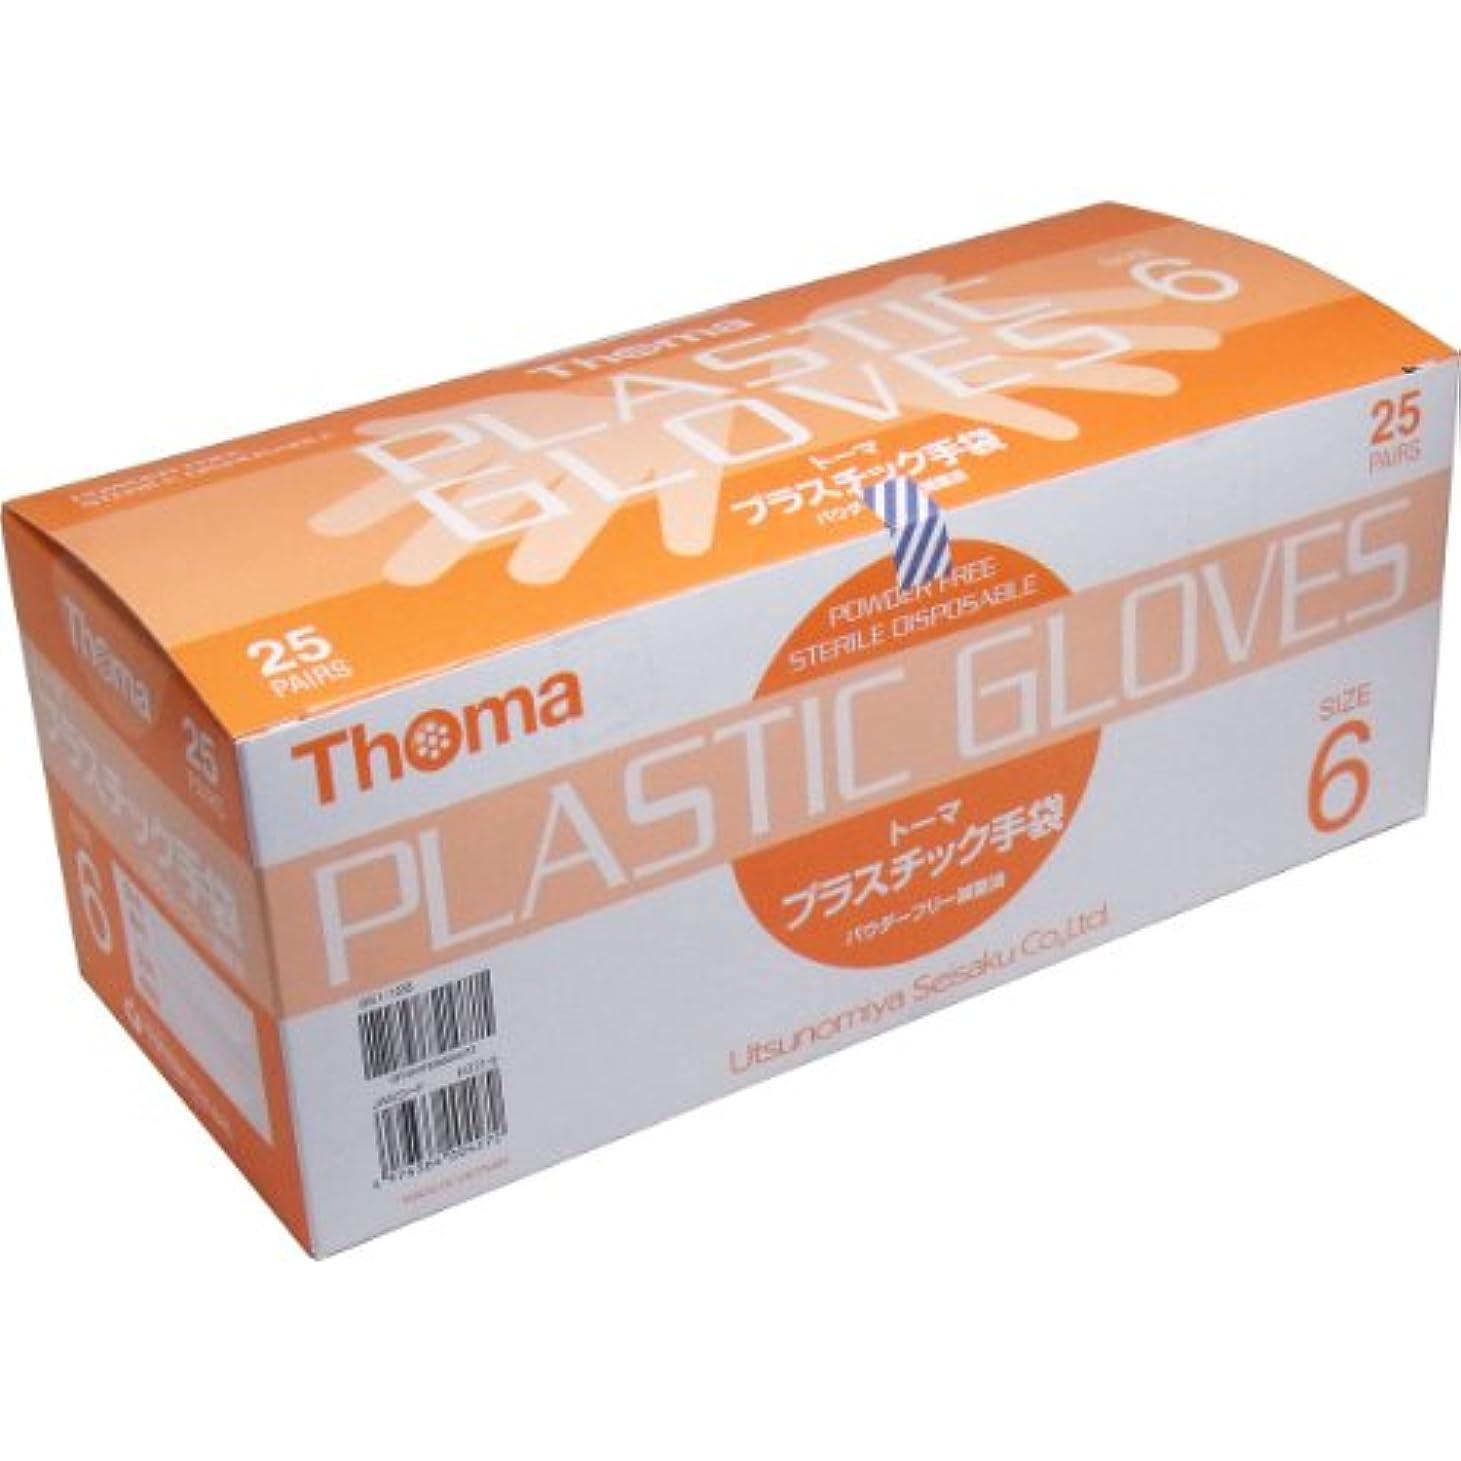 暫定バイオレット高価なトーマ プラスチック手袋 パウダーフリー 滅菌済 サイズ6 25双入